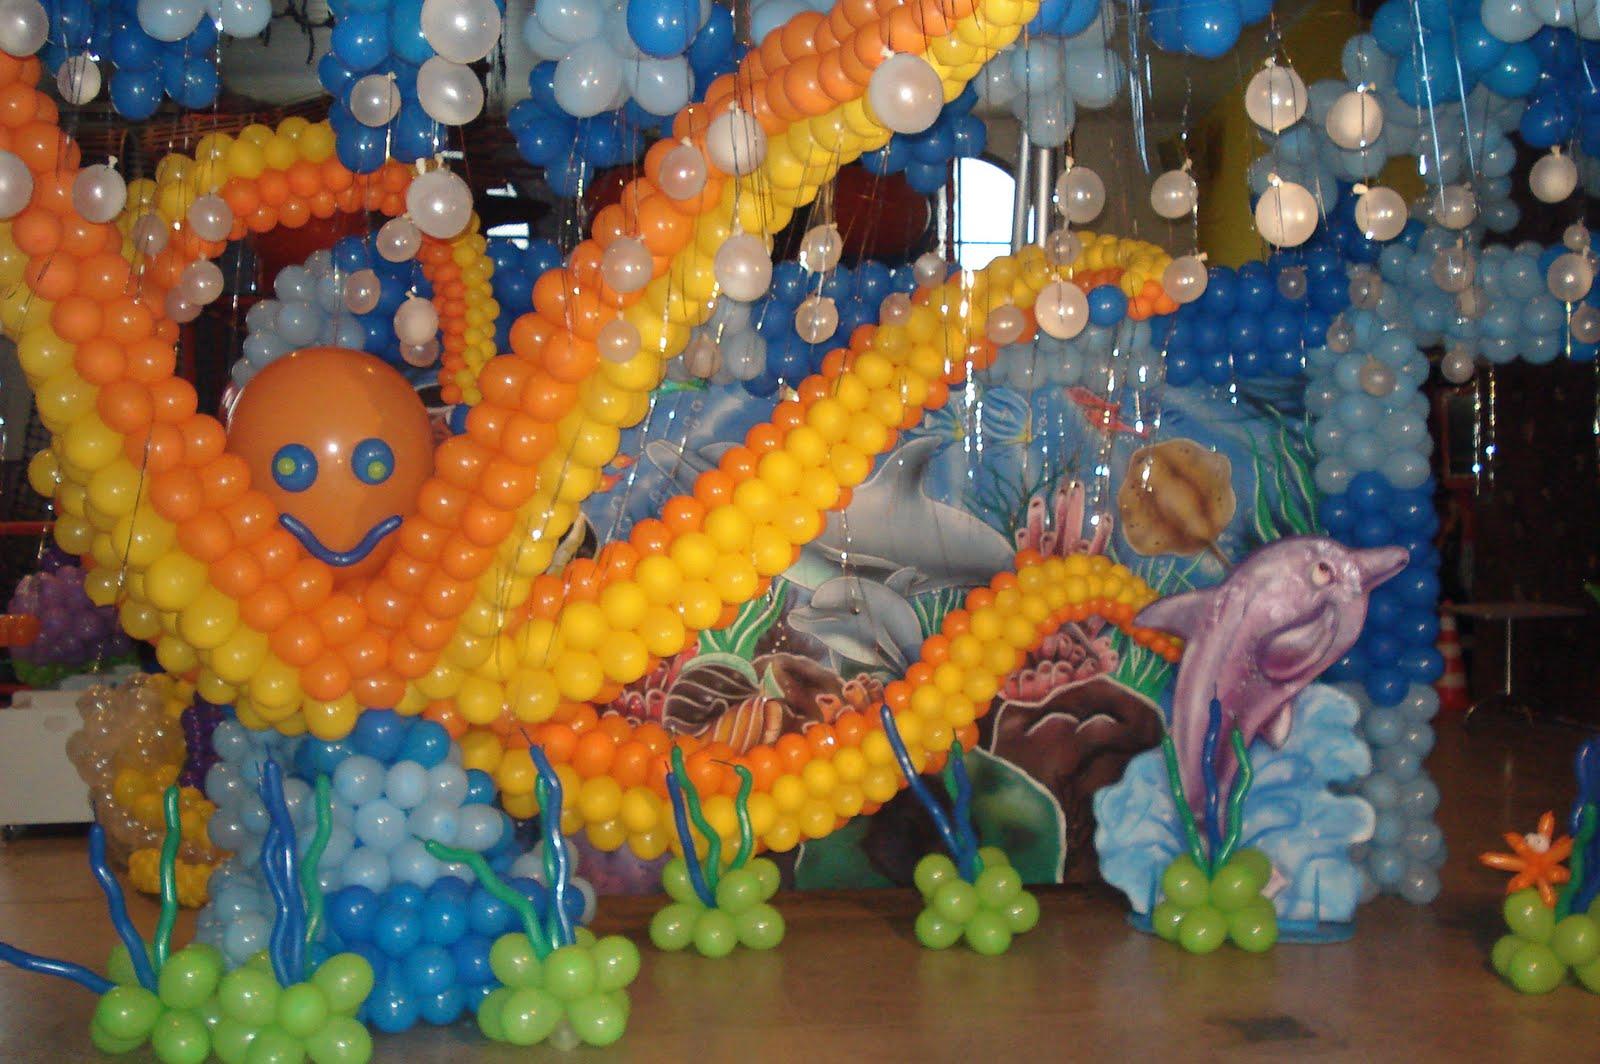 baloes-na-decoracao-de-festa-infantil